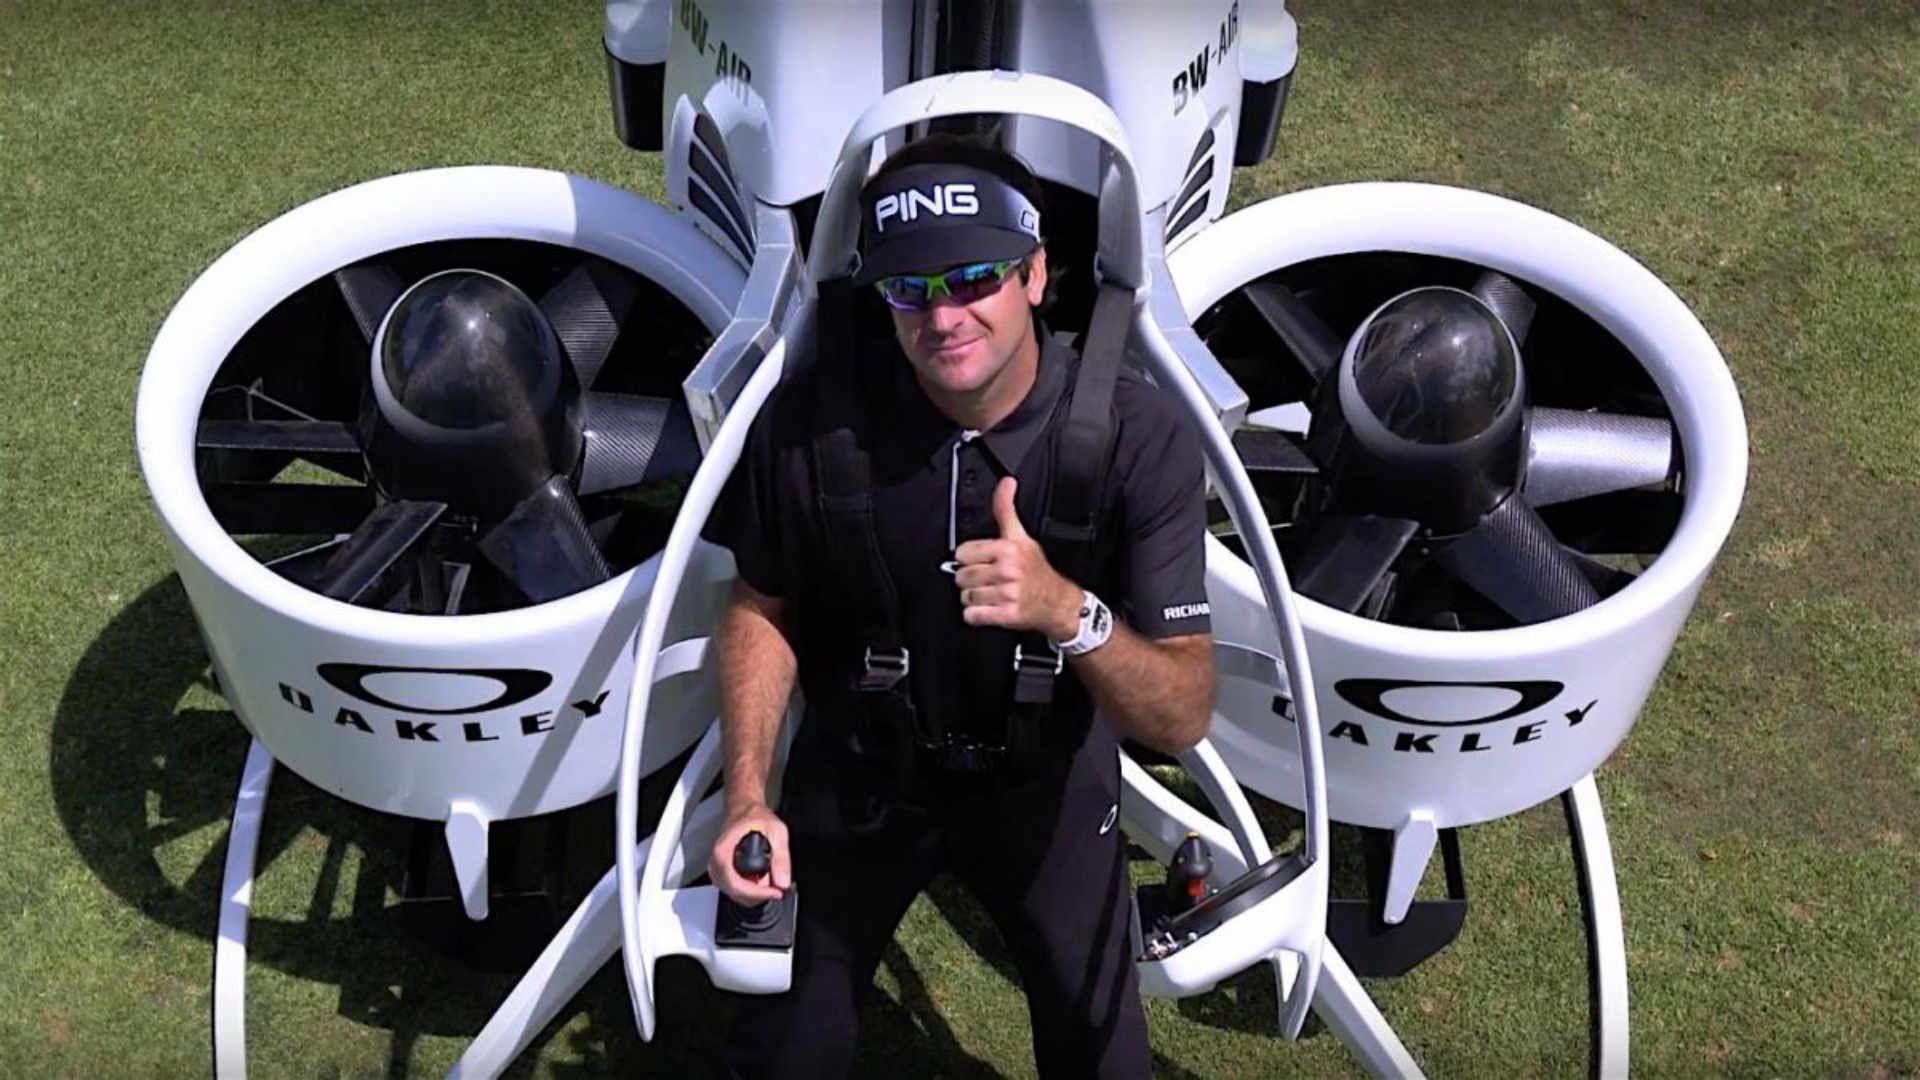 23++ Bubba watson jetpack golf cart viral